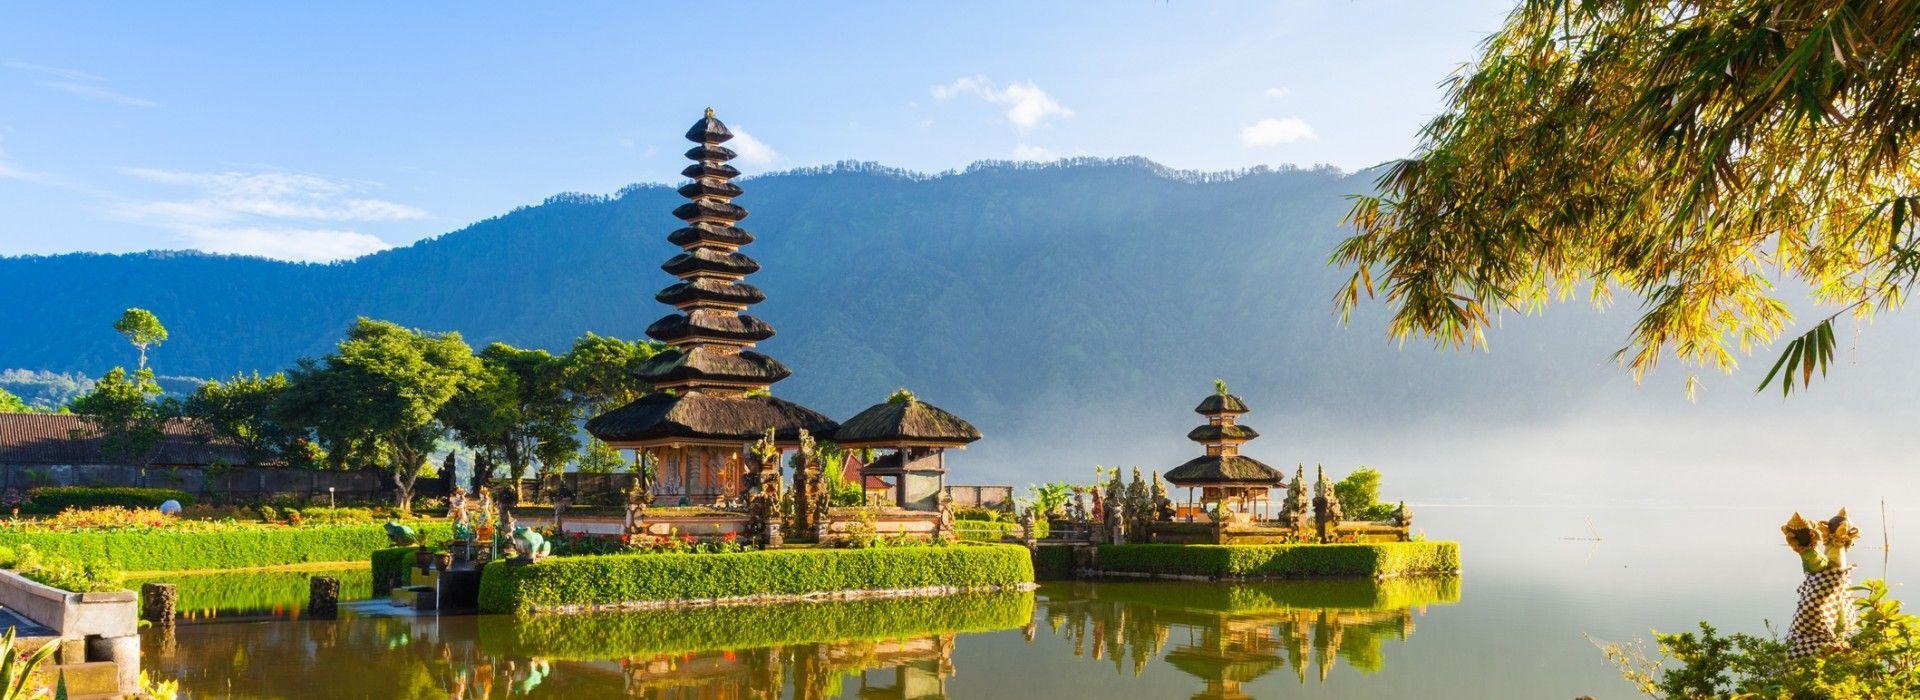 Surfing, kitesurfing etc. Tours in Bali